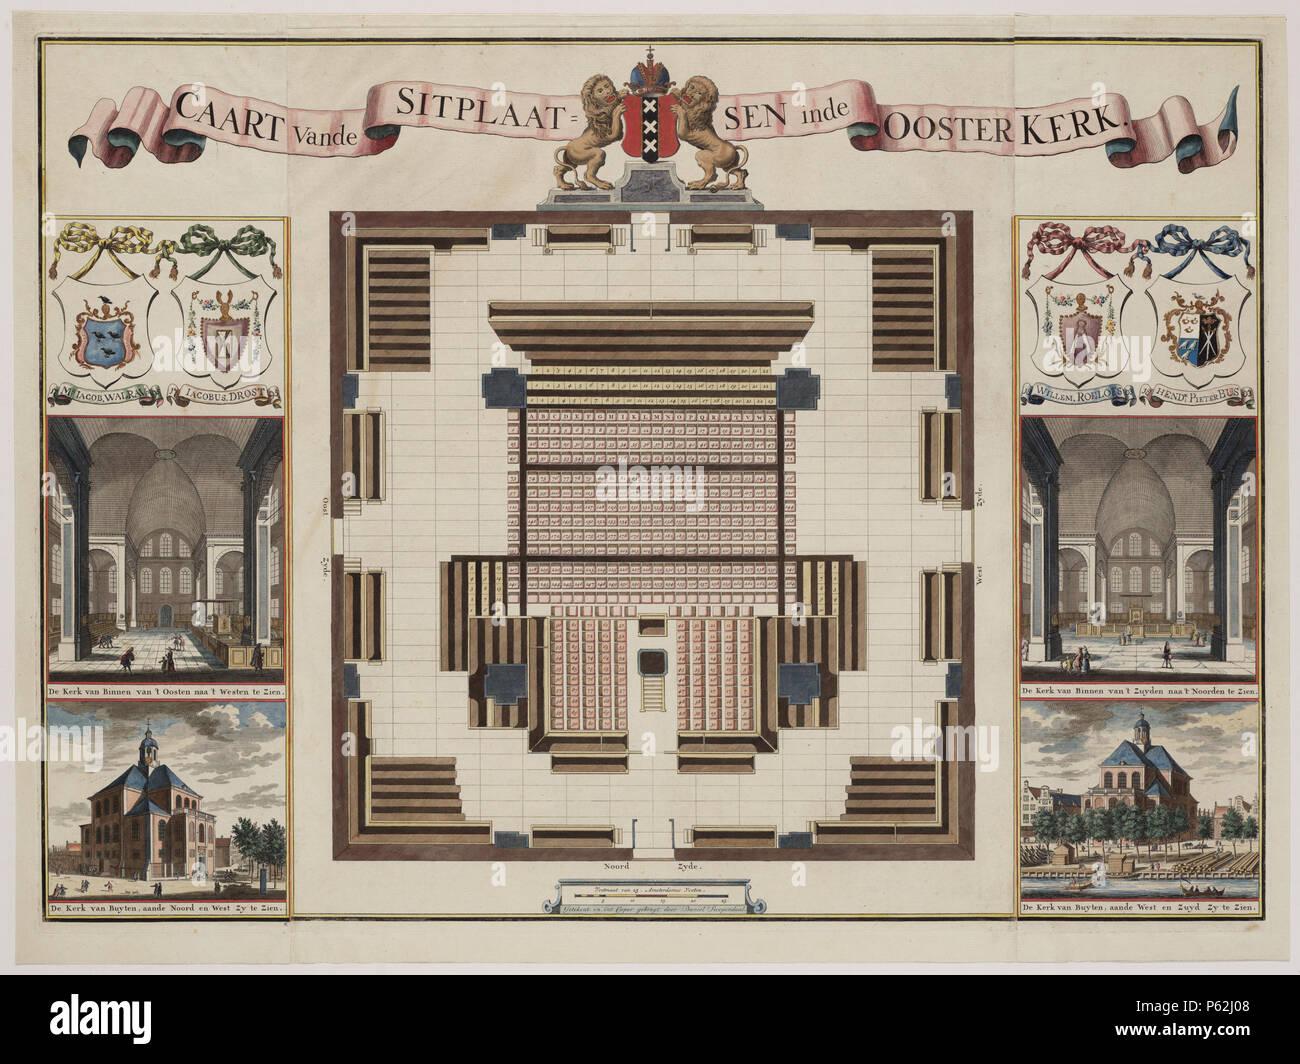 https://c8.alamy.com/comp/P62J08/na-nederlands-beschrijving-caart-vande-sitplaatsen-inde-ooster-kerk-plattegrond-der-kerk-met-daarin-aangegeven-de-zitplaatsen-links-en-rechts-daarvan-2-afbeeldingen-van-het-interieur-en-2-afbeeldingen-van-het-exterieur-der-kerk-waarboven-met-de-hand-ingekleurd-de-wapens-van-mr-jacob-walrave-en-jacobus-drost-1795-van-willem-roelofs-en-hendk-pieter-bus-1803-datering-van-de-prent-ca-1700-de-inkleuring-ca-1795-1803-documenttype-prent-vervaardiger-goeree-jan-stopendaal-danil-collectie-collectie-atlas-dreesmann-datering-1795-ca-tm-1803-ca-geografische-naam-wittenburgergracht-gebo-P62J08.jpg